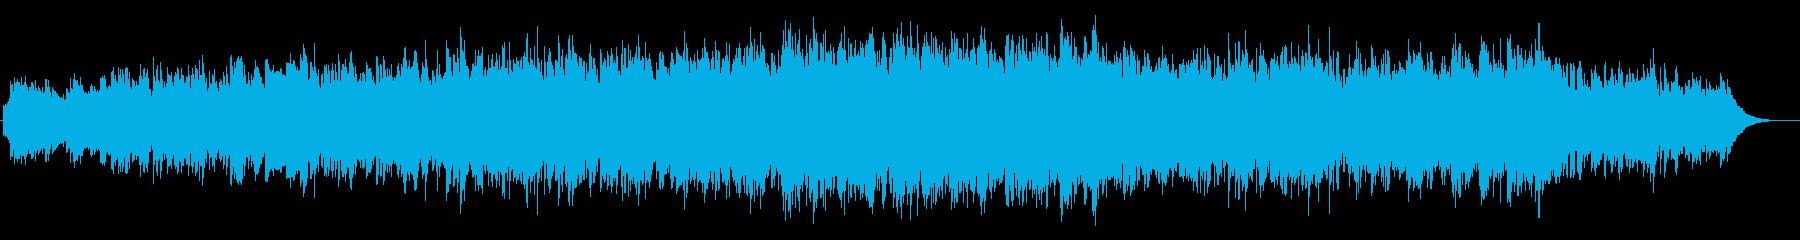 空気の澄み切った朝のBGMの再生済みの波形